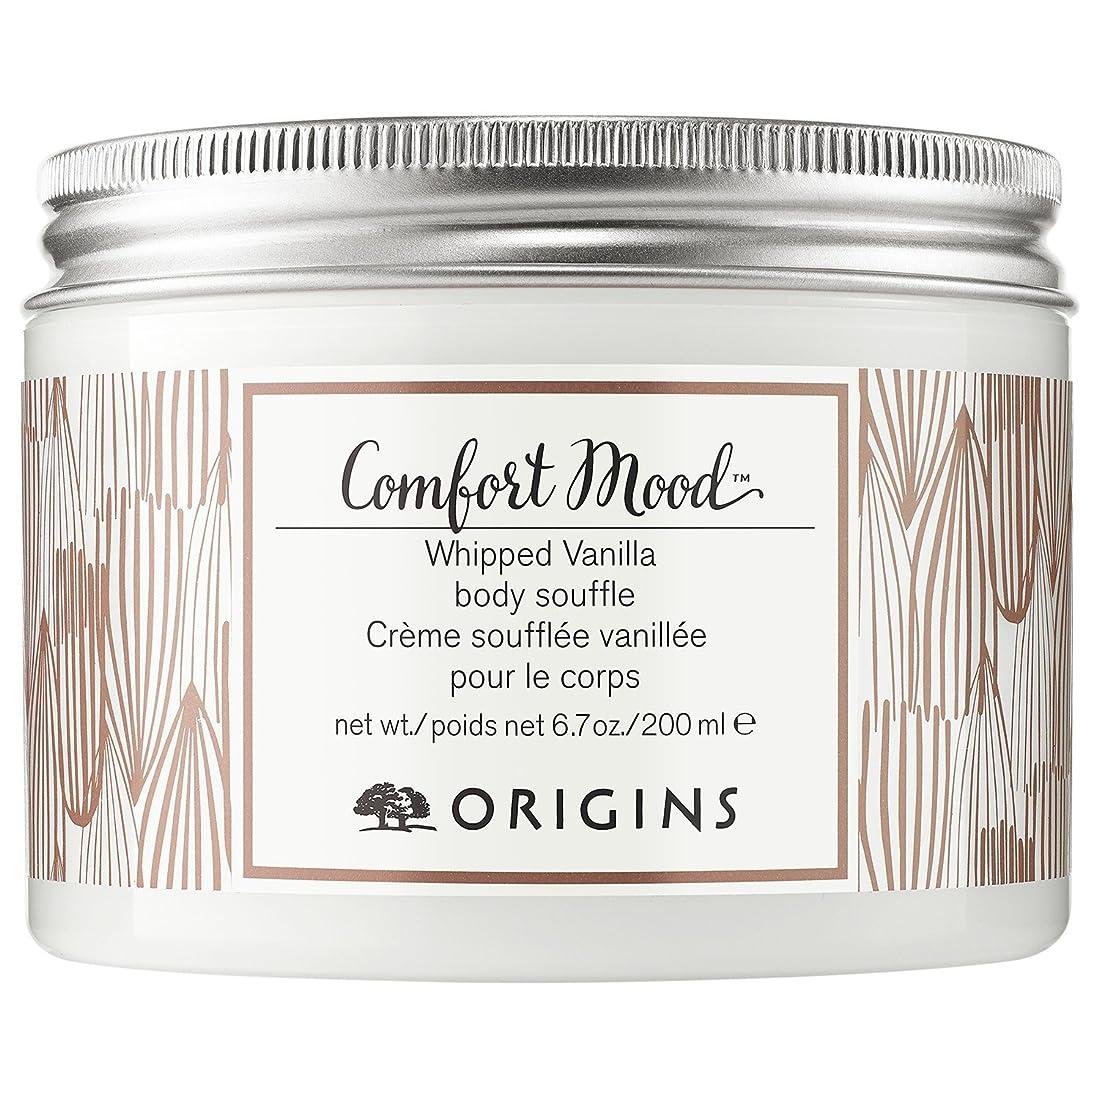 侵入する迫害する中起源の快適な気分ホイップバニラボディスフレ200ミリリットル (Origins) (x2) - Origins Comfort Mood Whipped Vanilla Body Souffle 200ml (Pack of 2) [並行輸入品]